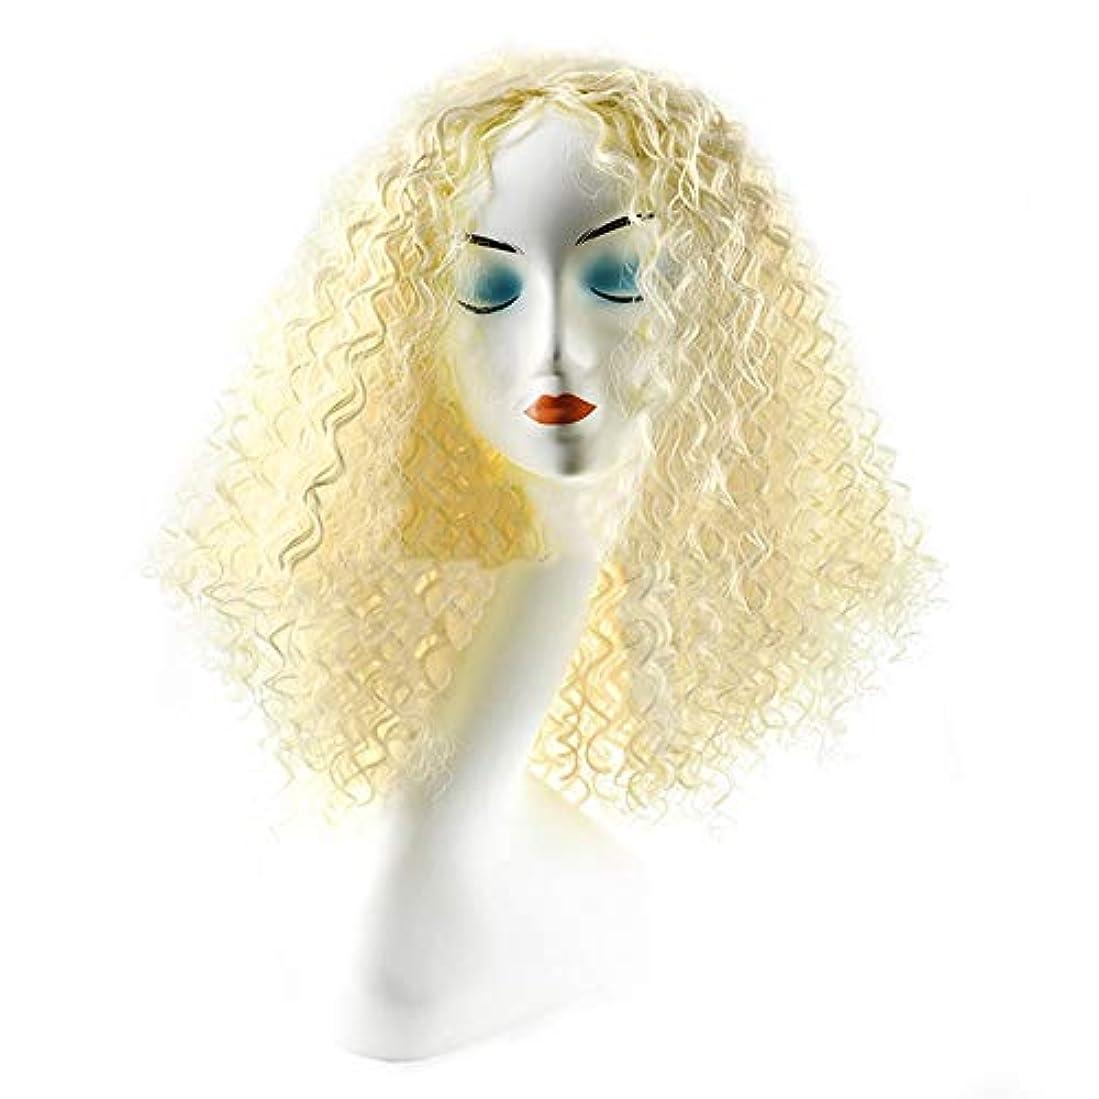 事業ファンスカーフWASAIO ファッションレディーブロンドショートカーリーヘアウィッグ用女性アクセサリースタイル交換繊維合成毎日コスプレドレス (色 : Blonde)